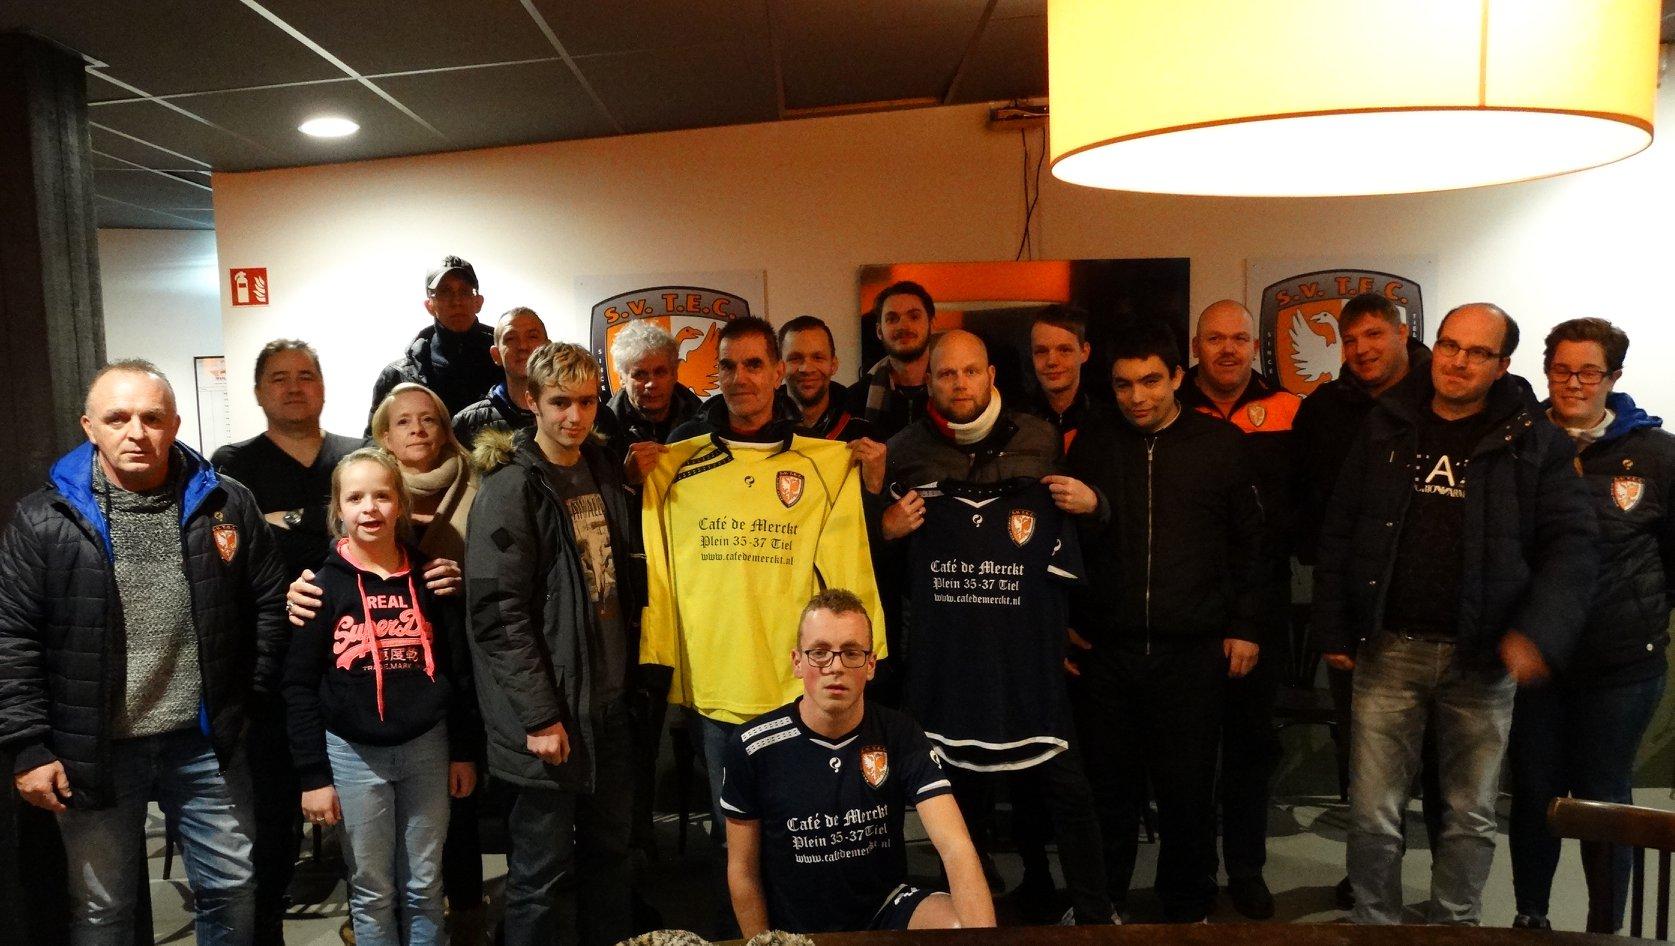 Cafe de Merckt sponsor G-teams TEC 6